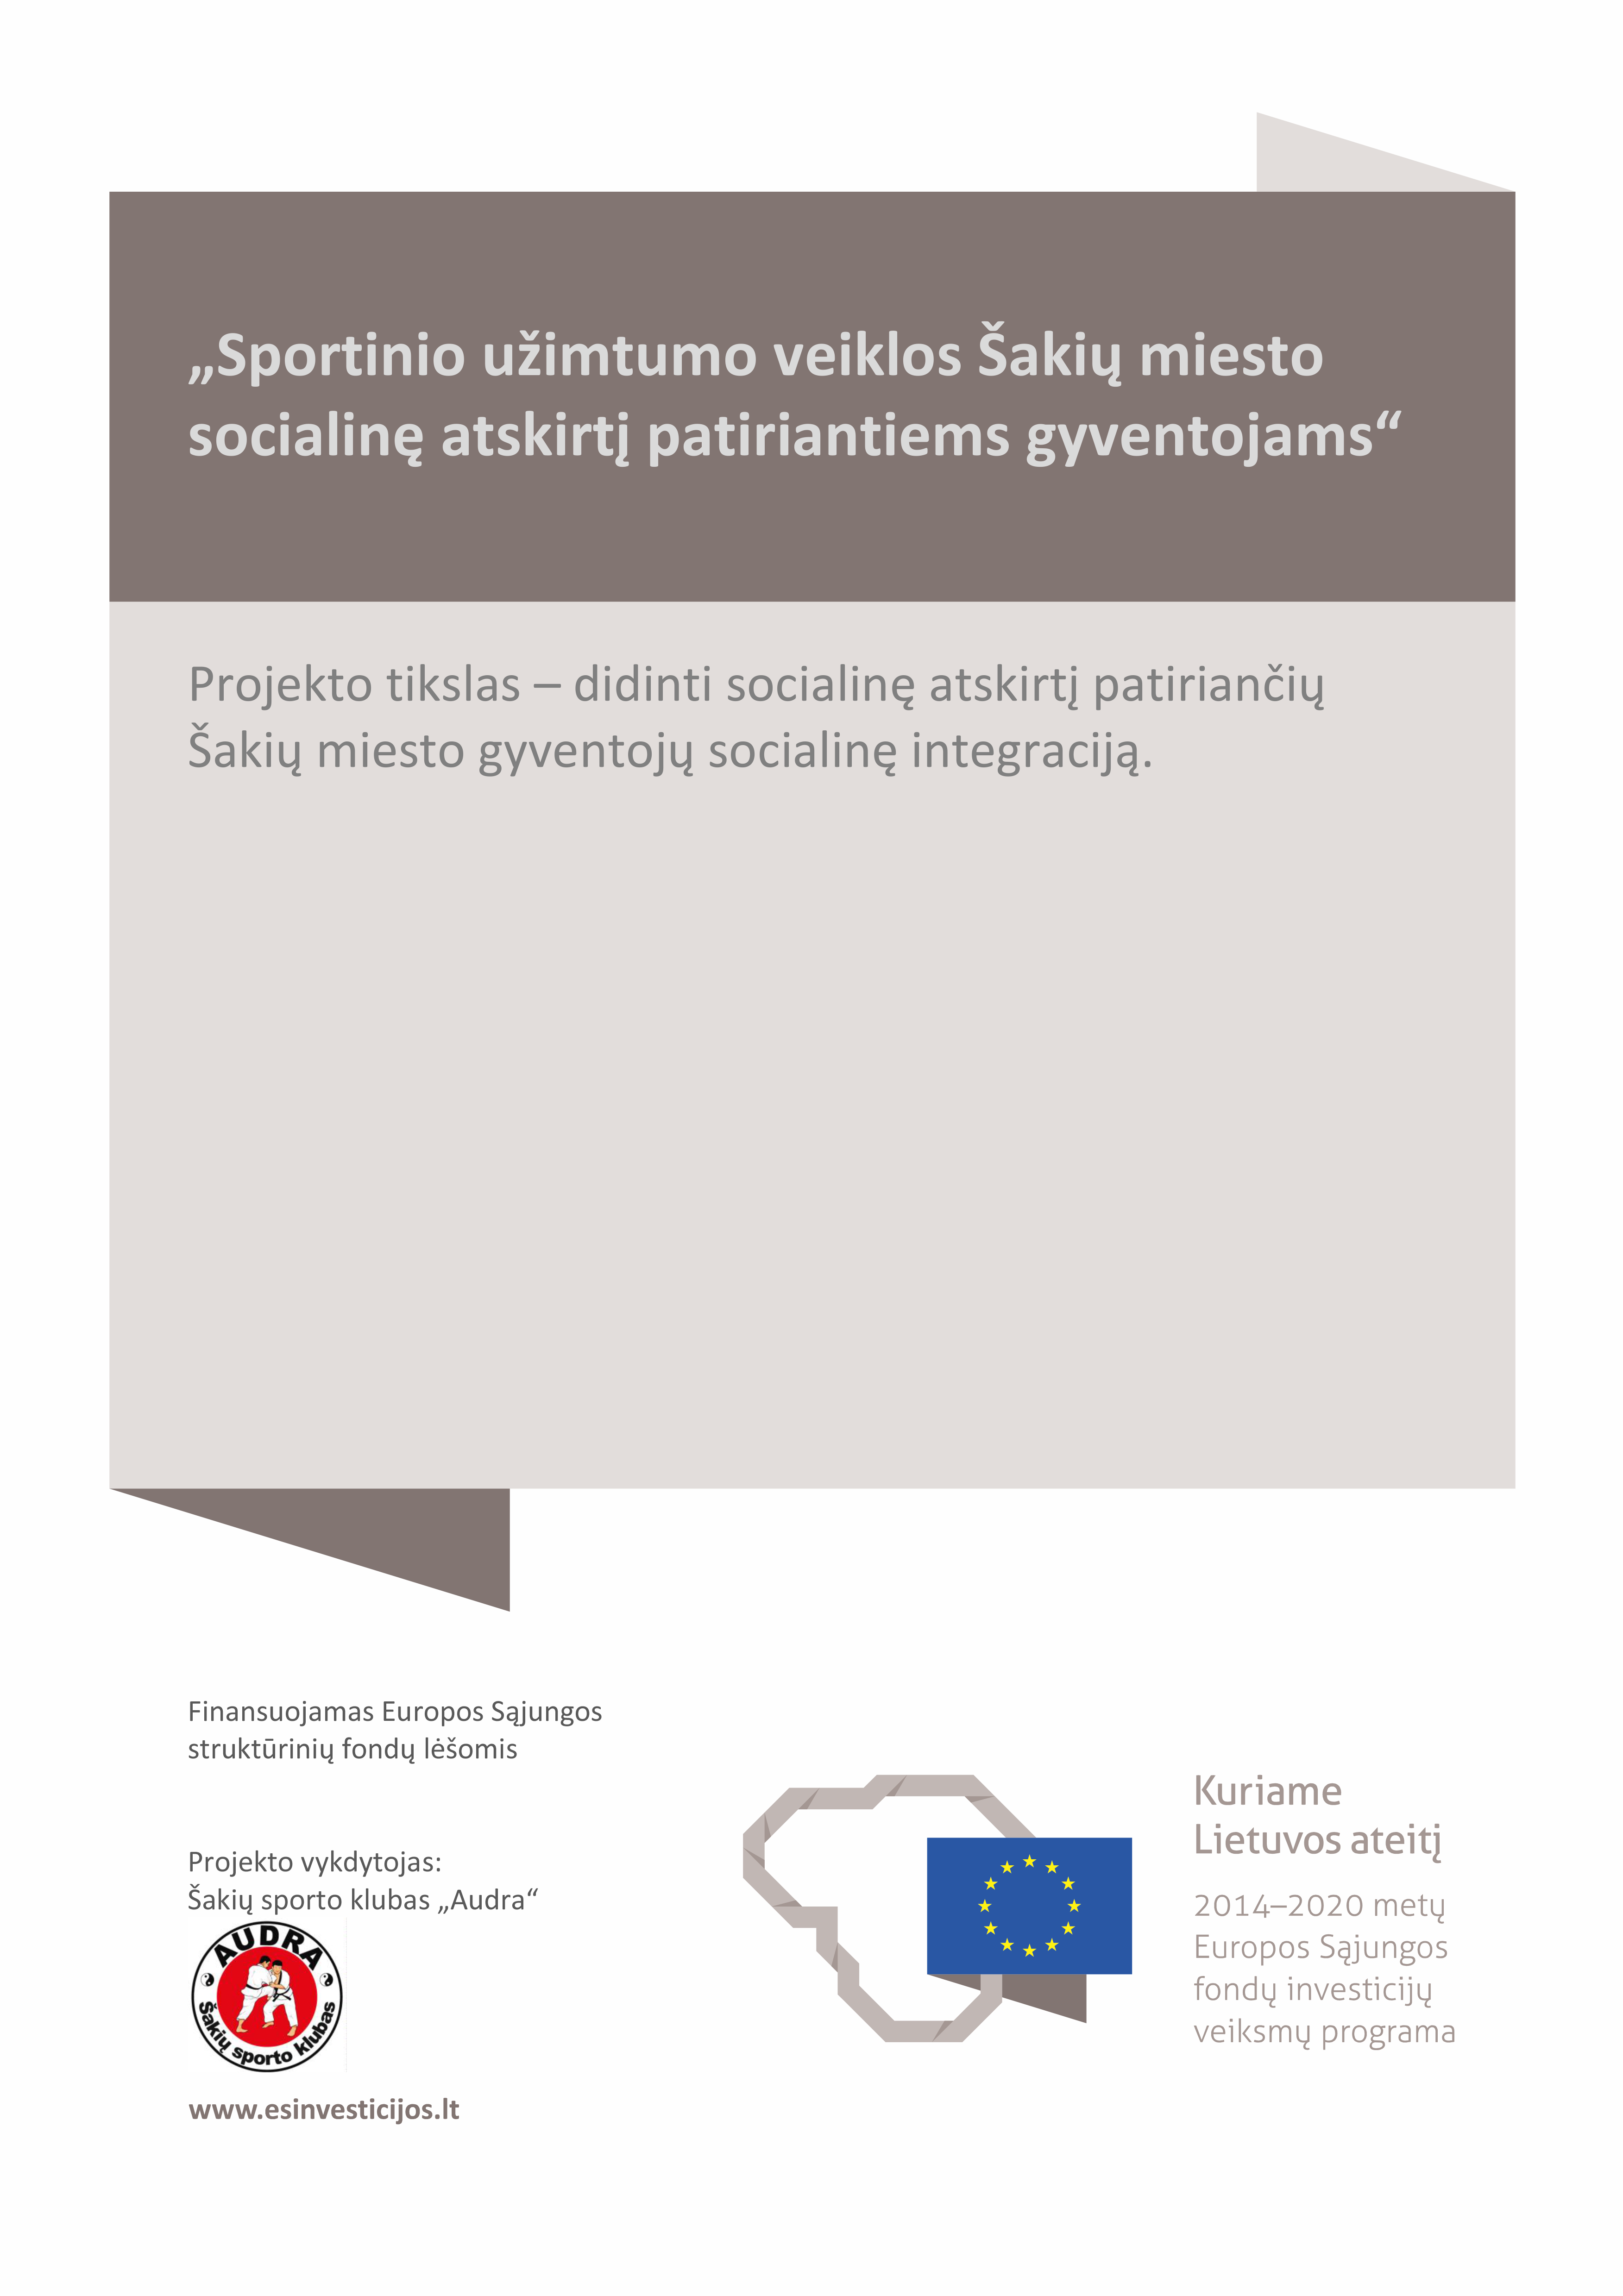 """INFORMUOJAME, kad Šakių sporto klubas """"Audra"""" vykdo projektą bendrai finansuojamą iš Europos Sąjungos struktūrinių fondų lėšų."""